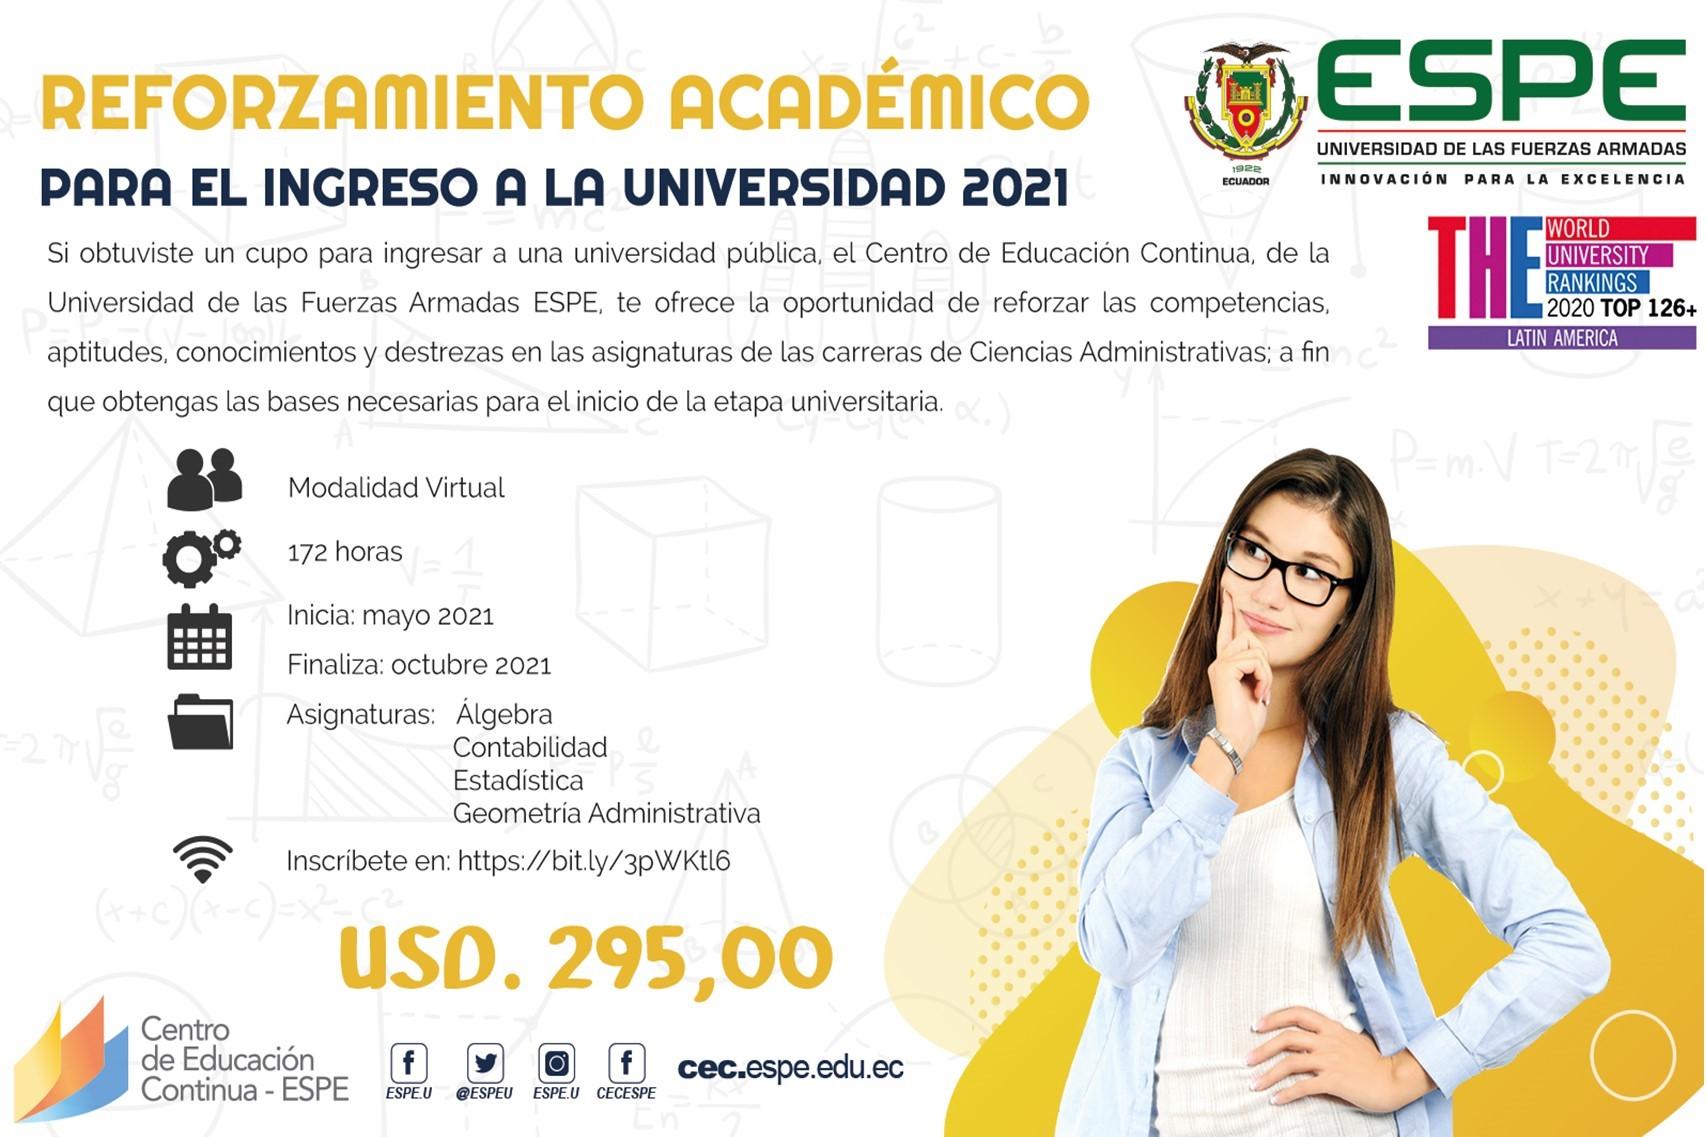 """Curso: """"Reforzamiento Académico para el Ingreso a la Universidad 2021 - Ciencias Administrativas"""","""